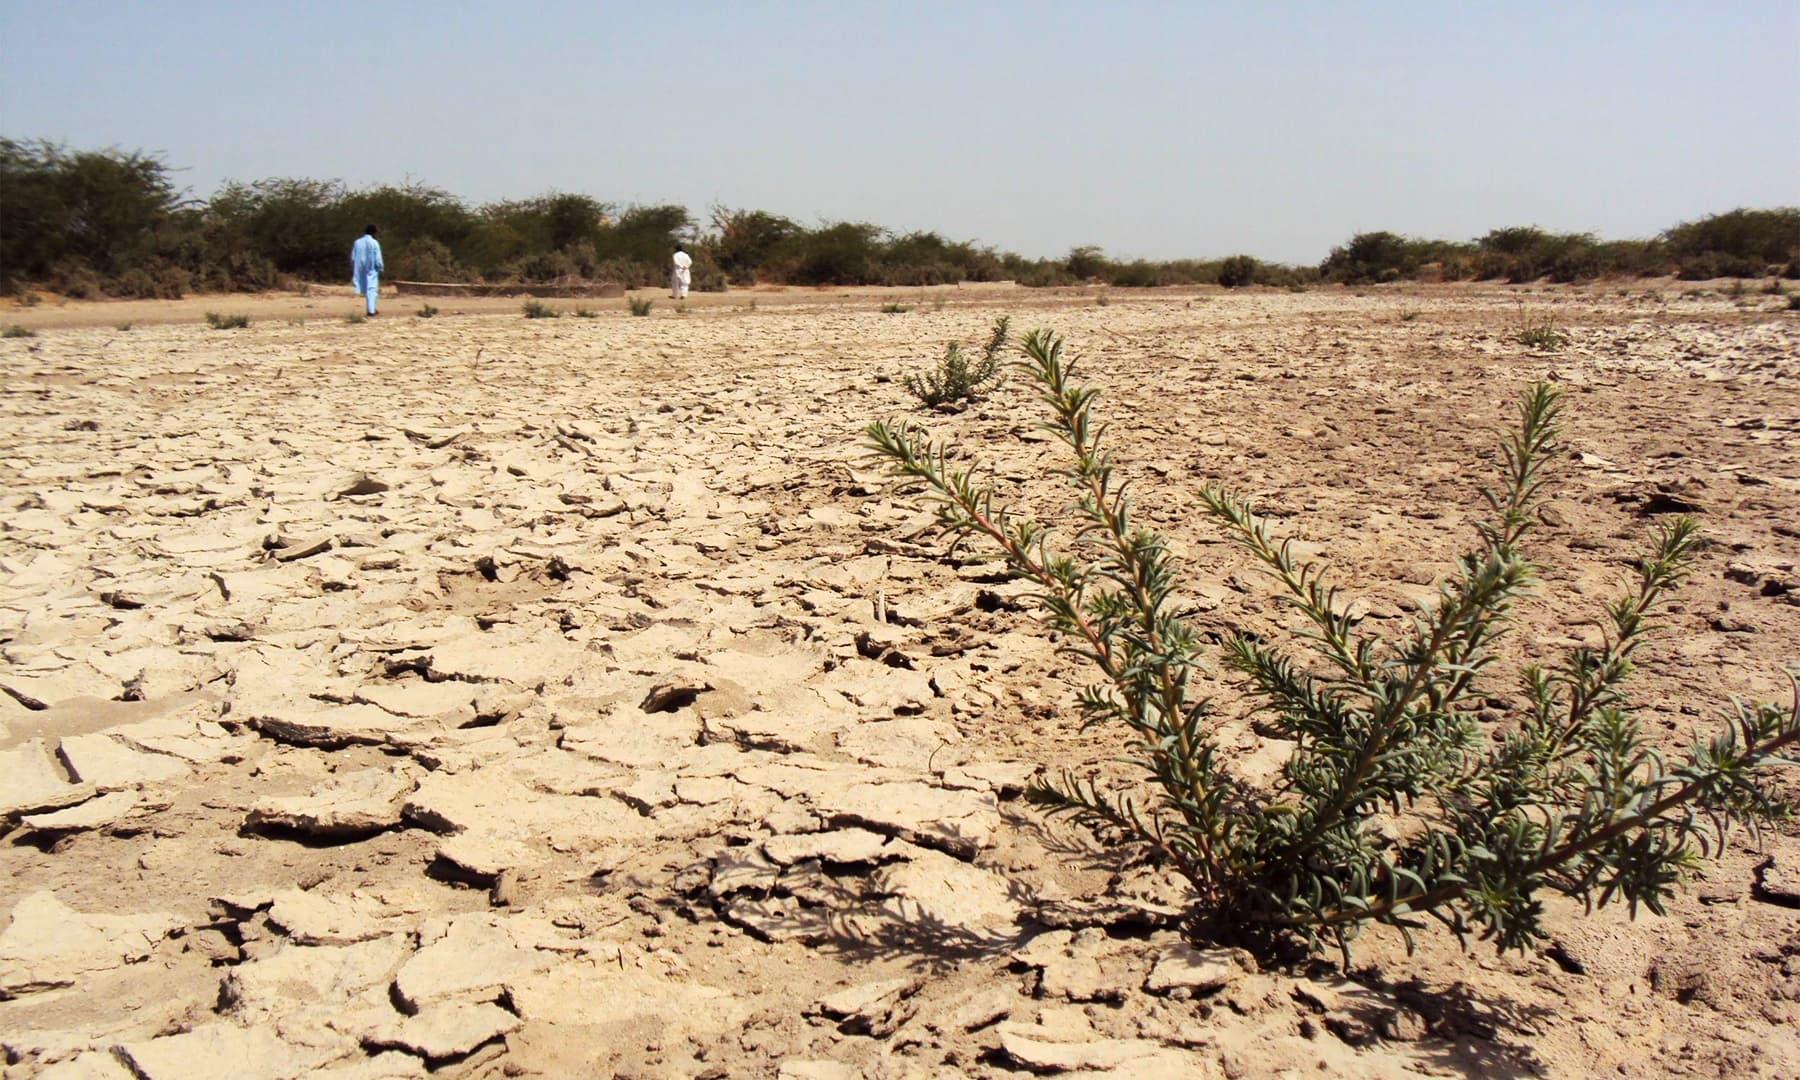 انڈس ڈیلٹا پر واقع ایک علاقے کی تصویر — تصویر ابوبکر شیخ